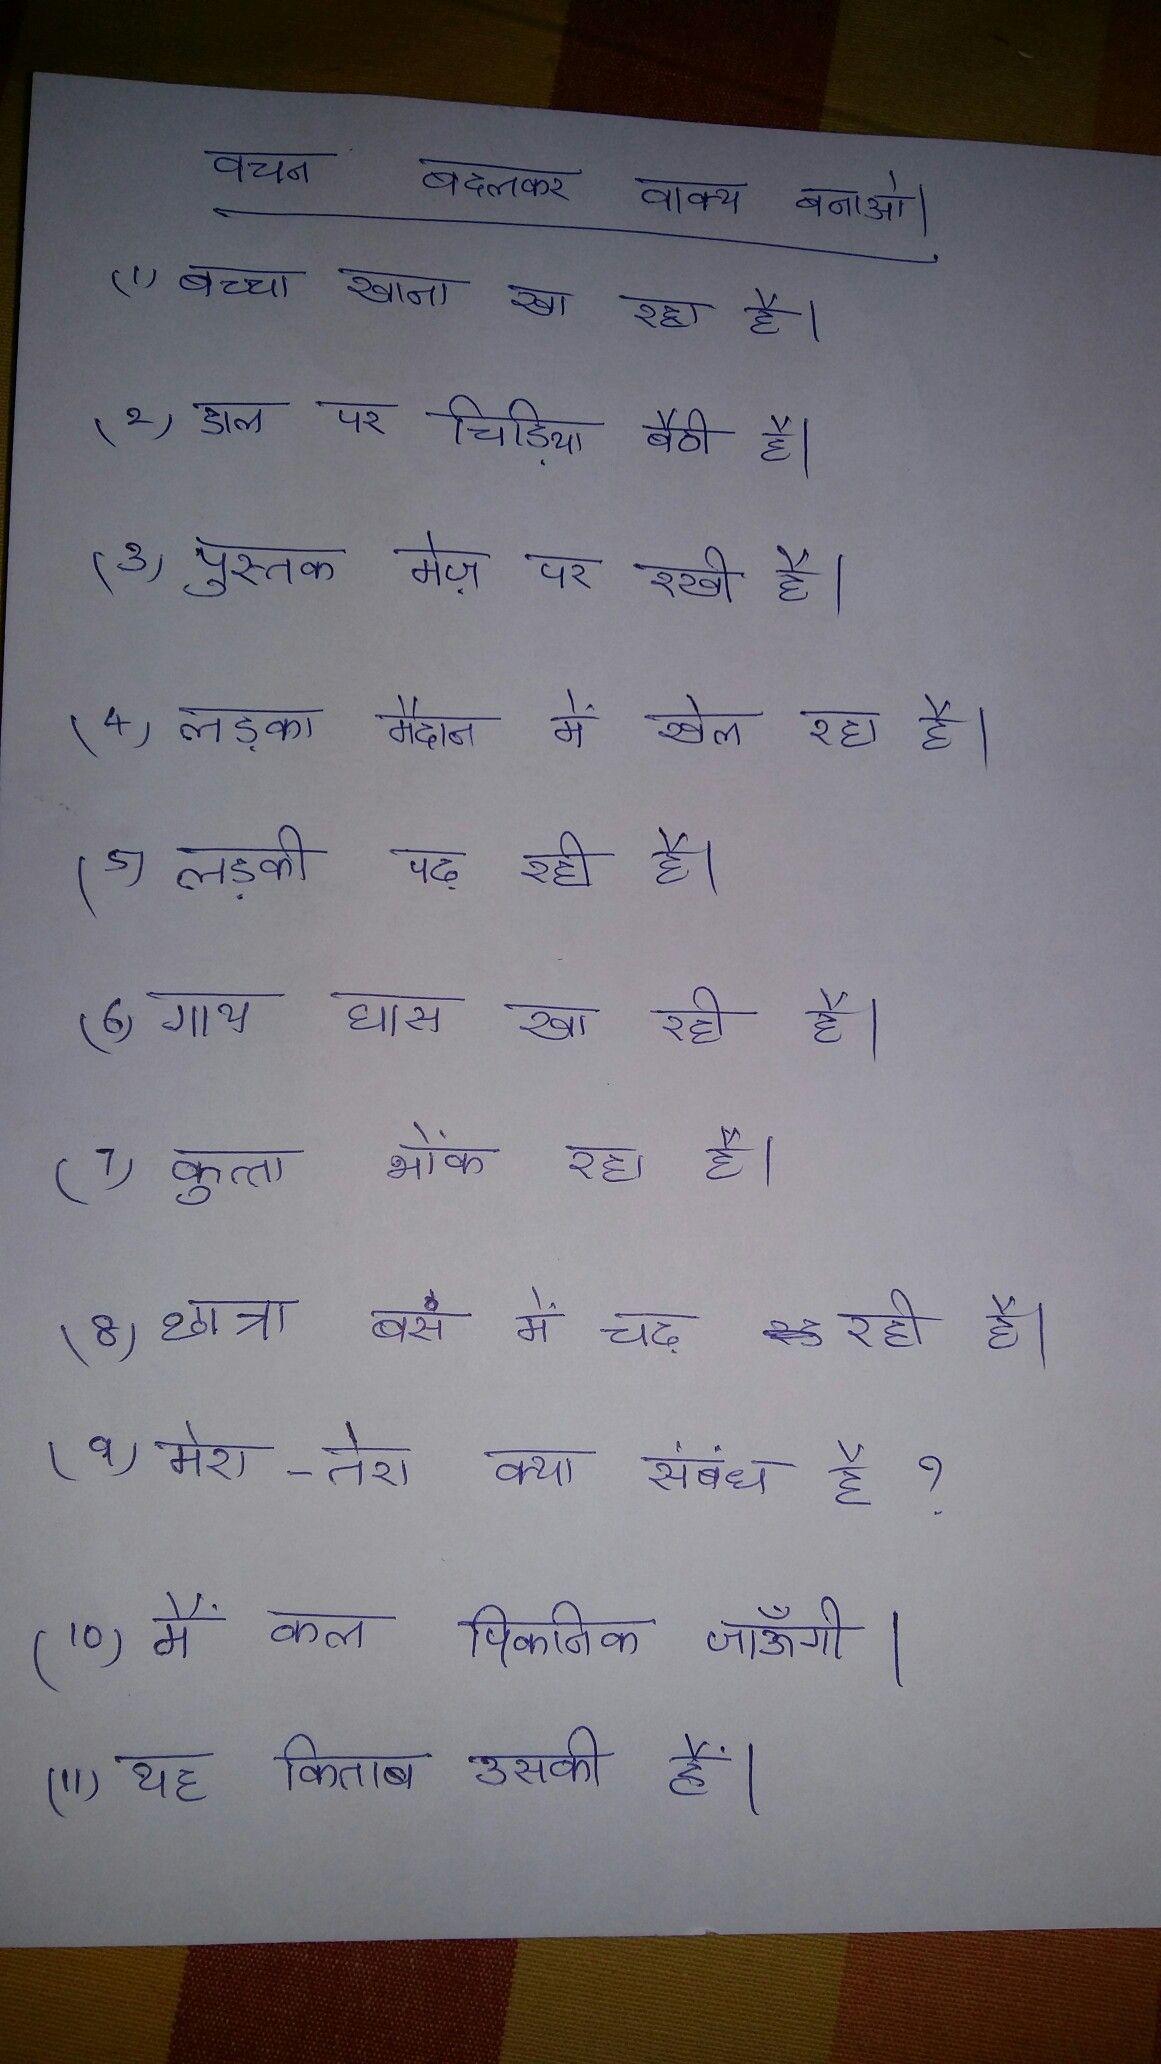 hight resolution of Hindi grammar vachan worksheet   Hindi worksheets